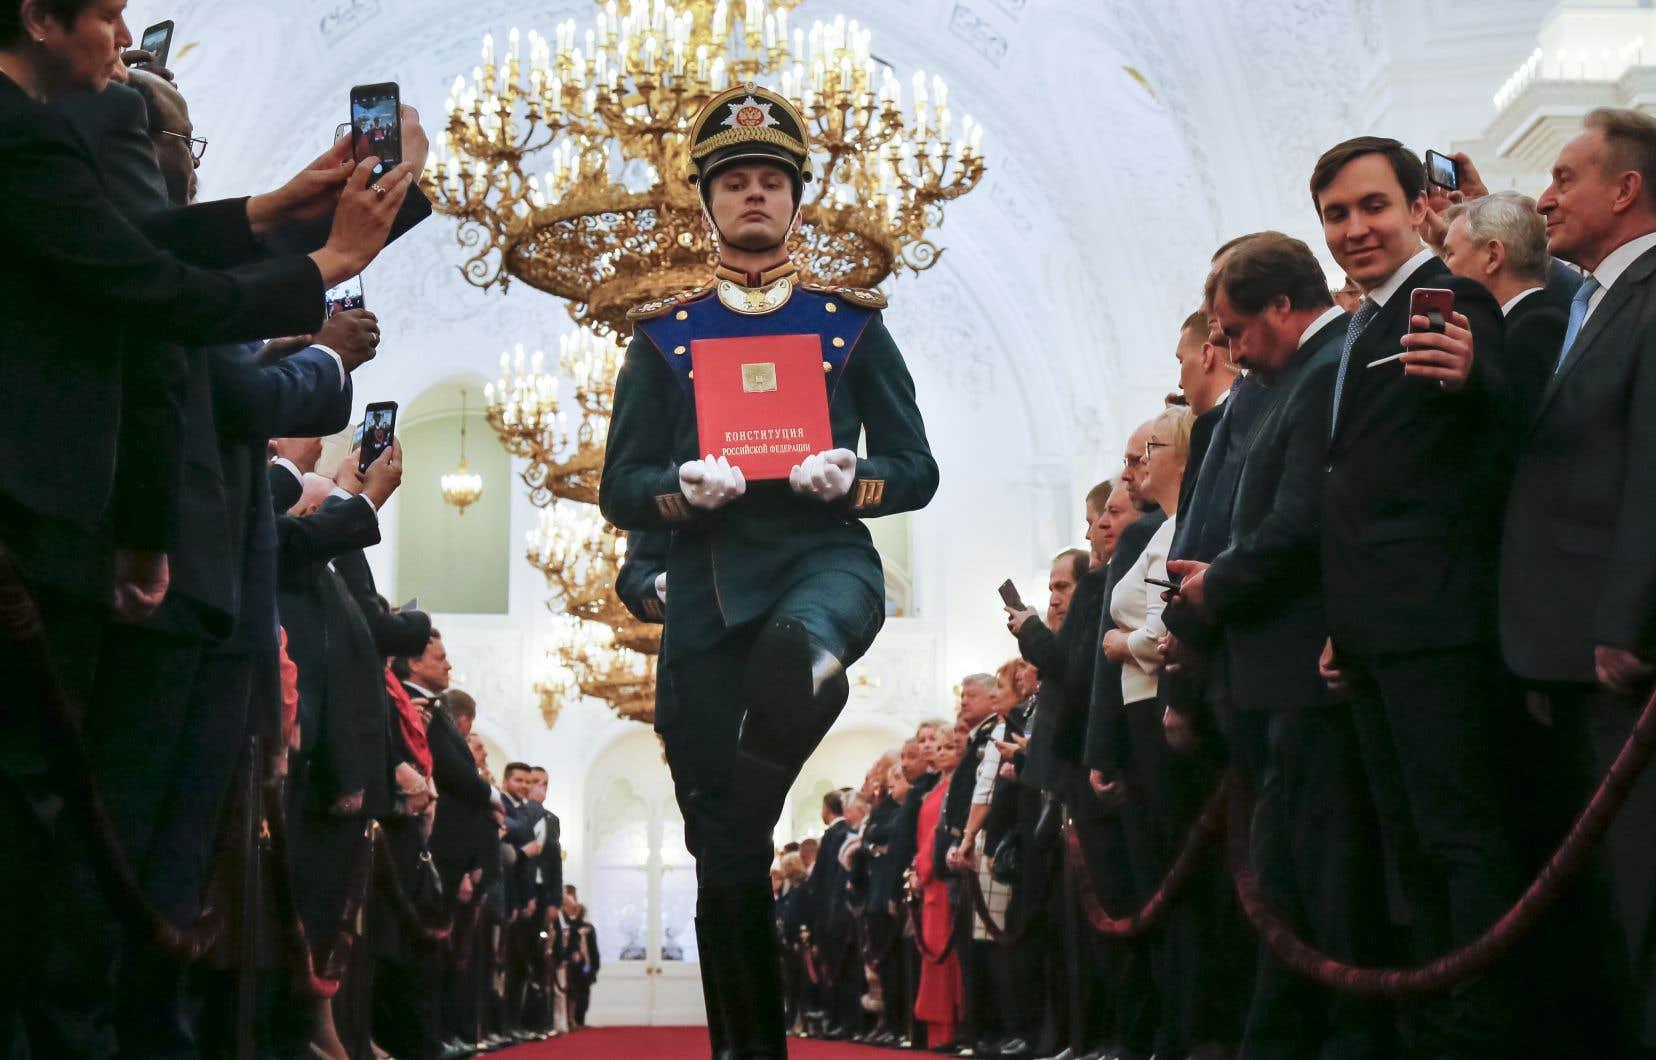 Une garde d'honneur porte la Constitution de la Fédération russe avant la cérémonie d'inauguration de Vladimir Poutine au Kremlin de Moscou.